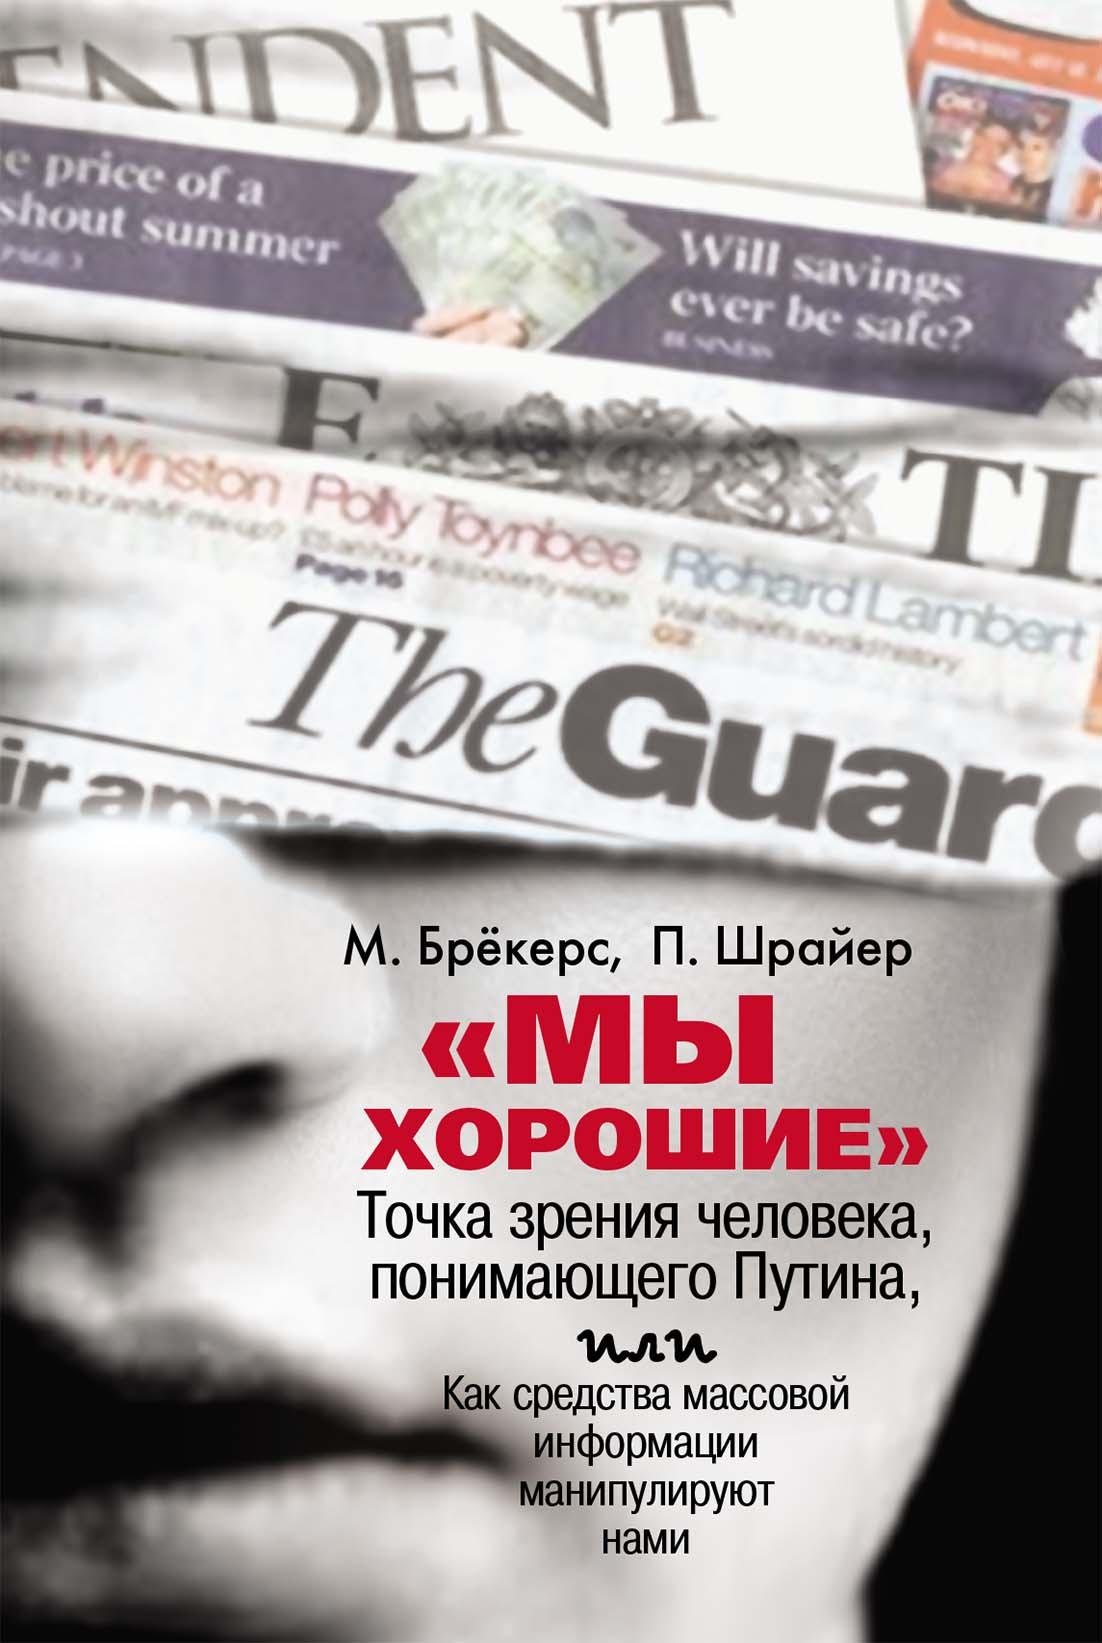 Матиас Брёкерс Мы хорошие.Точка зрения человека,понимающего Путина,или Как средства массовой информации манипулируют нами.